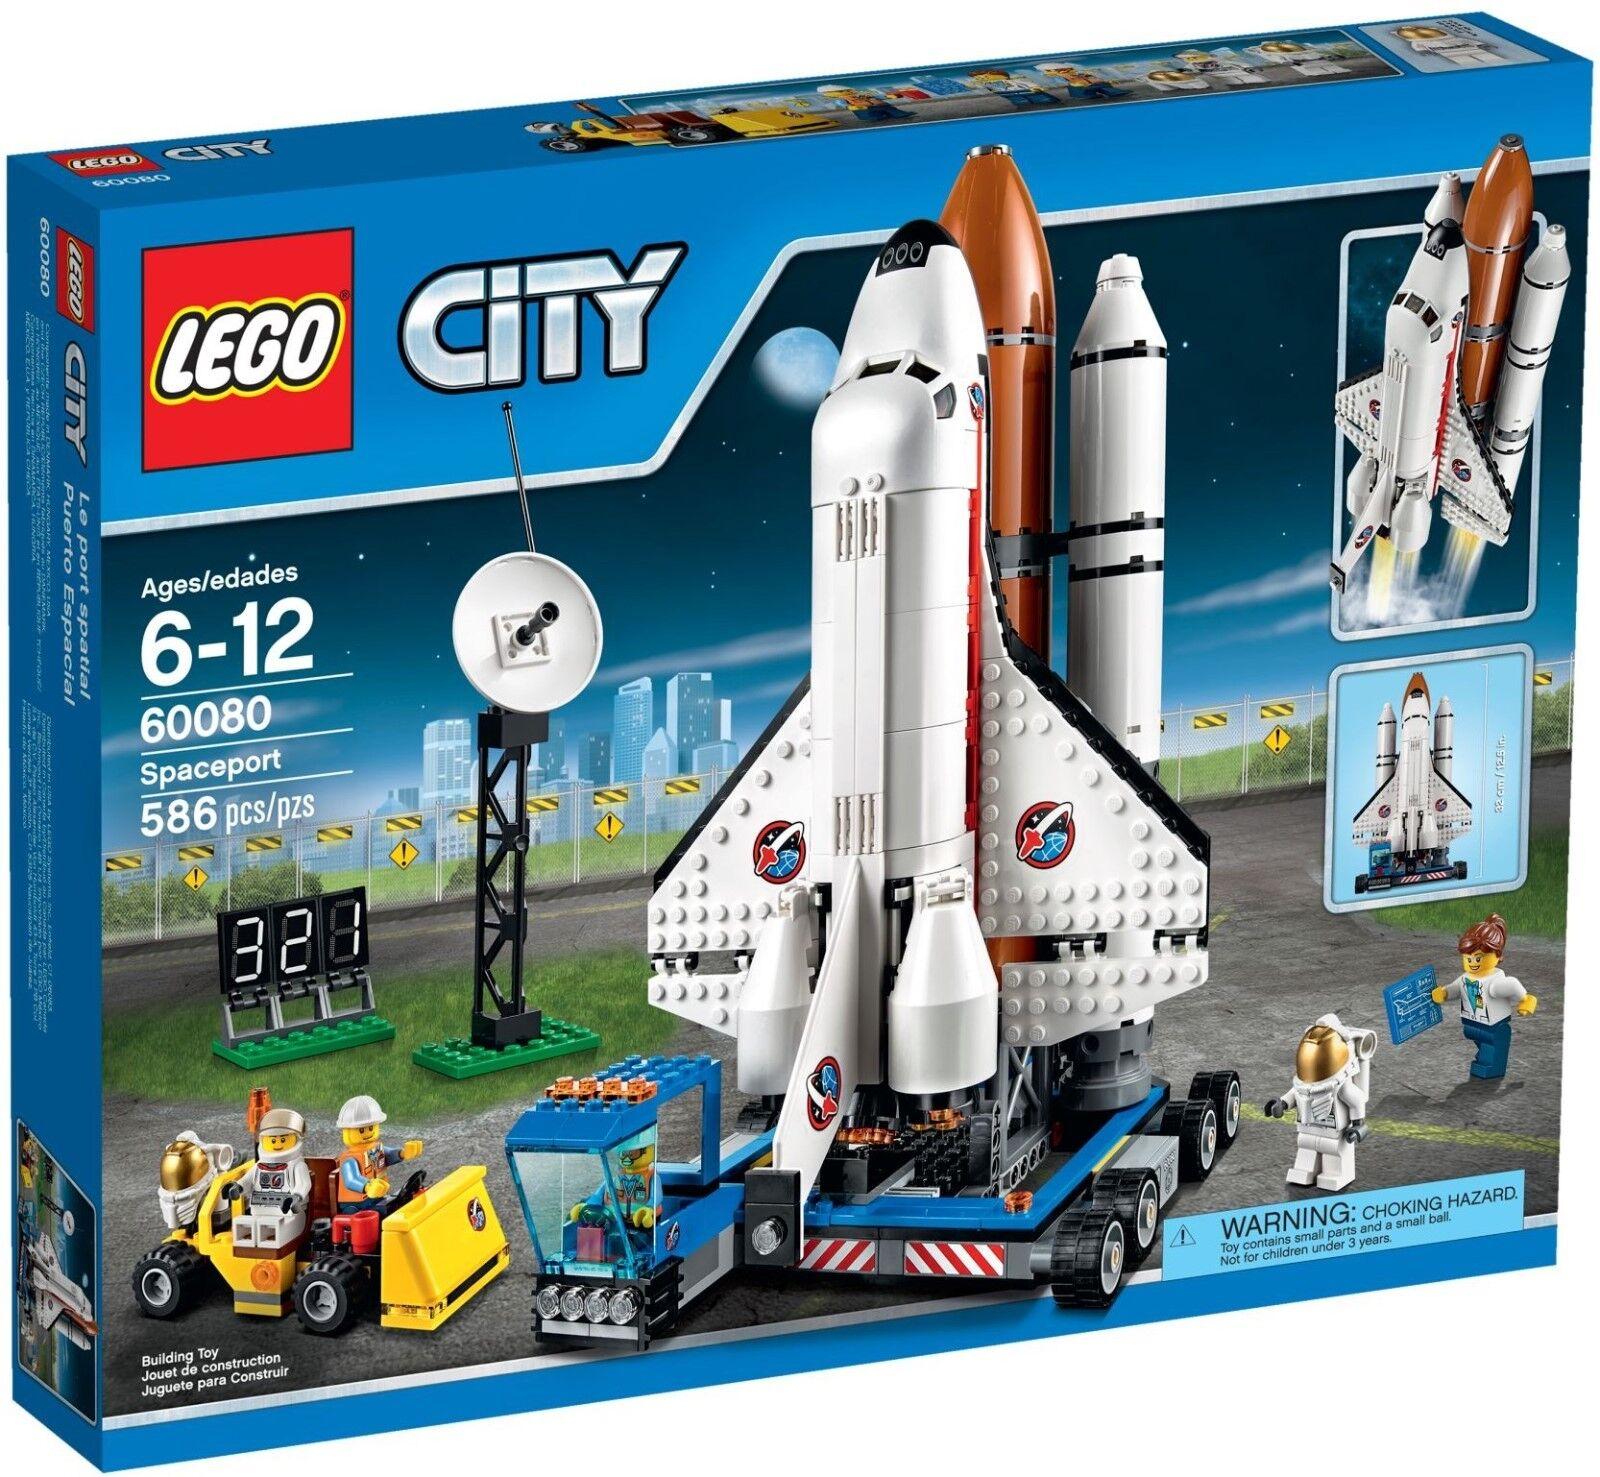 LEGO City Spaceport 60080 - Brand New